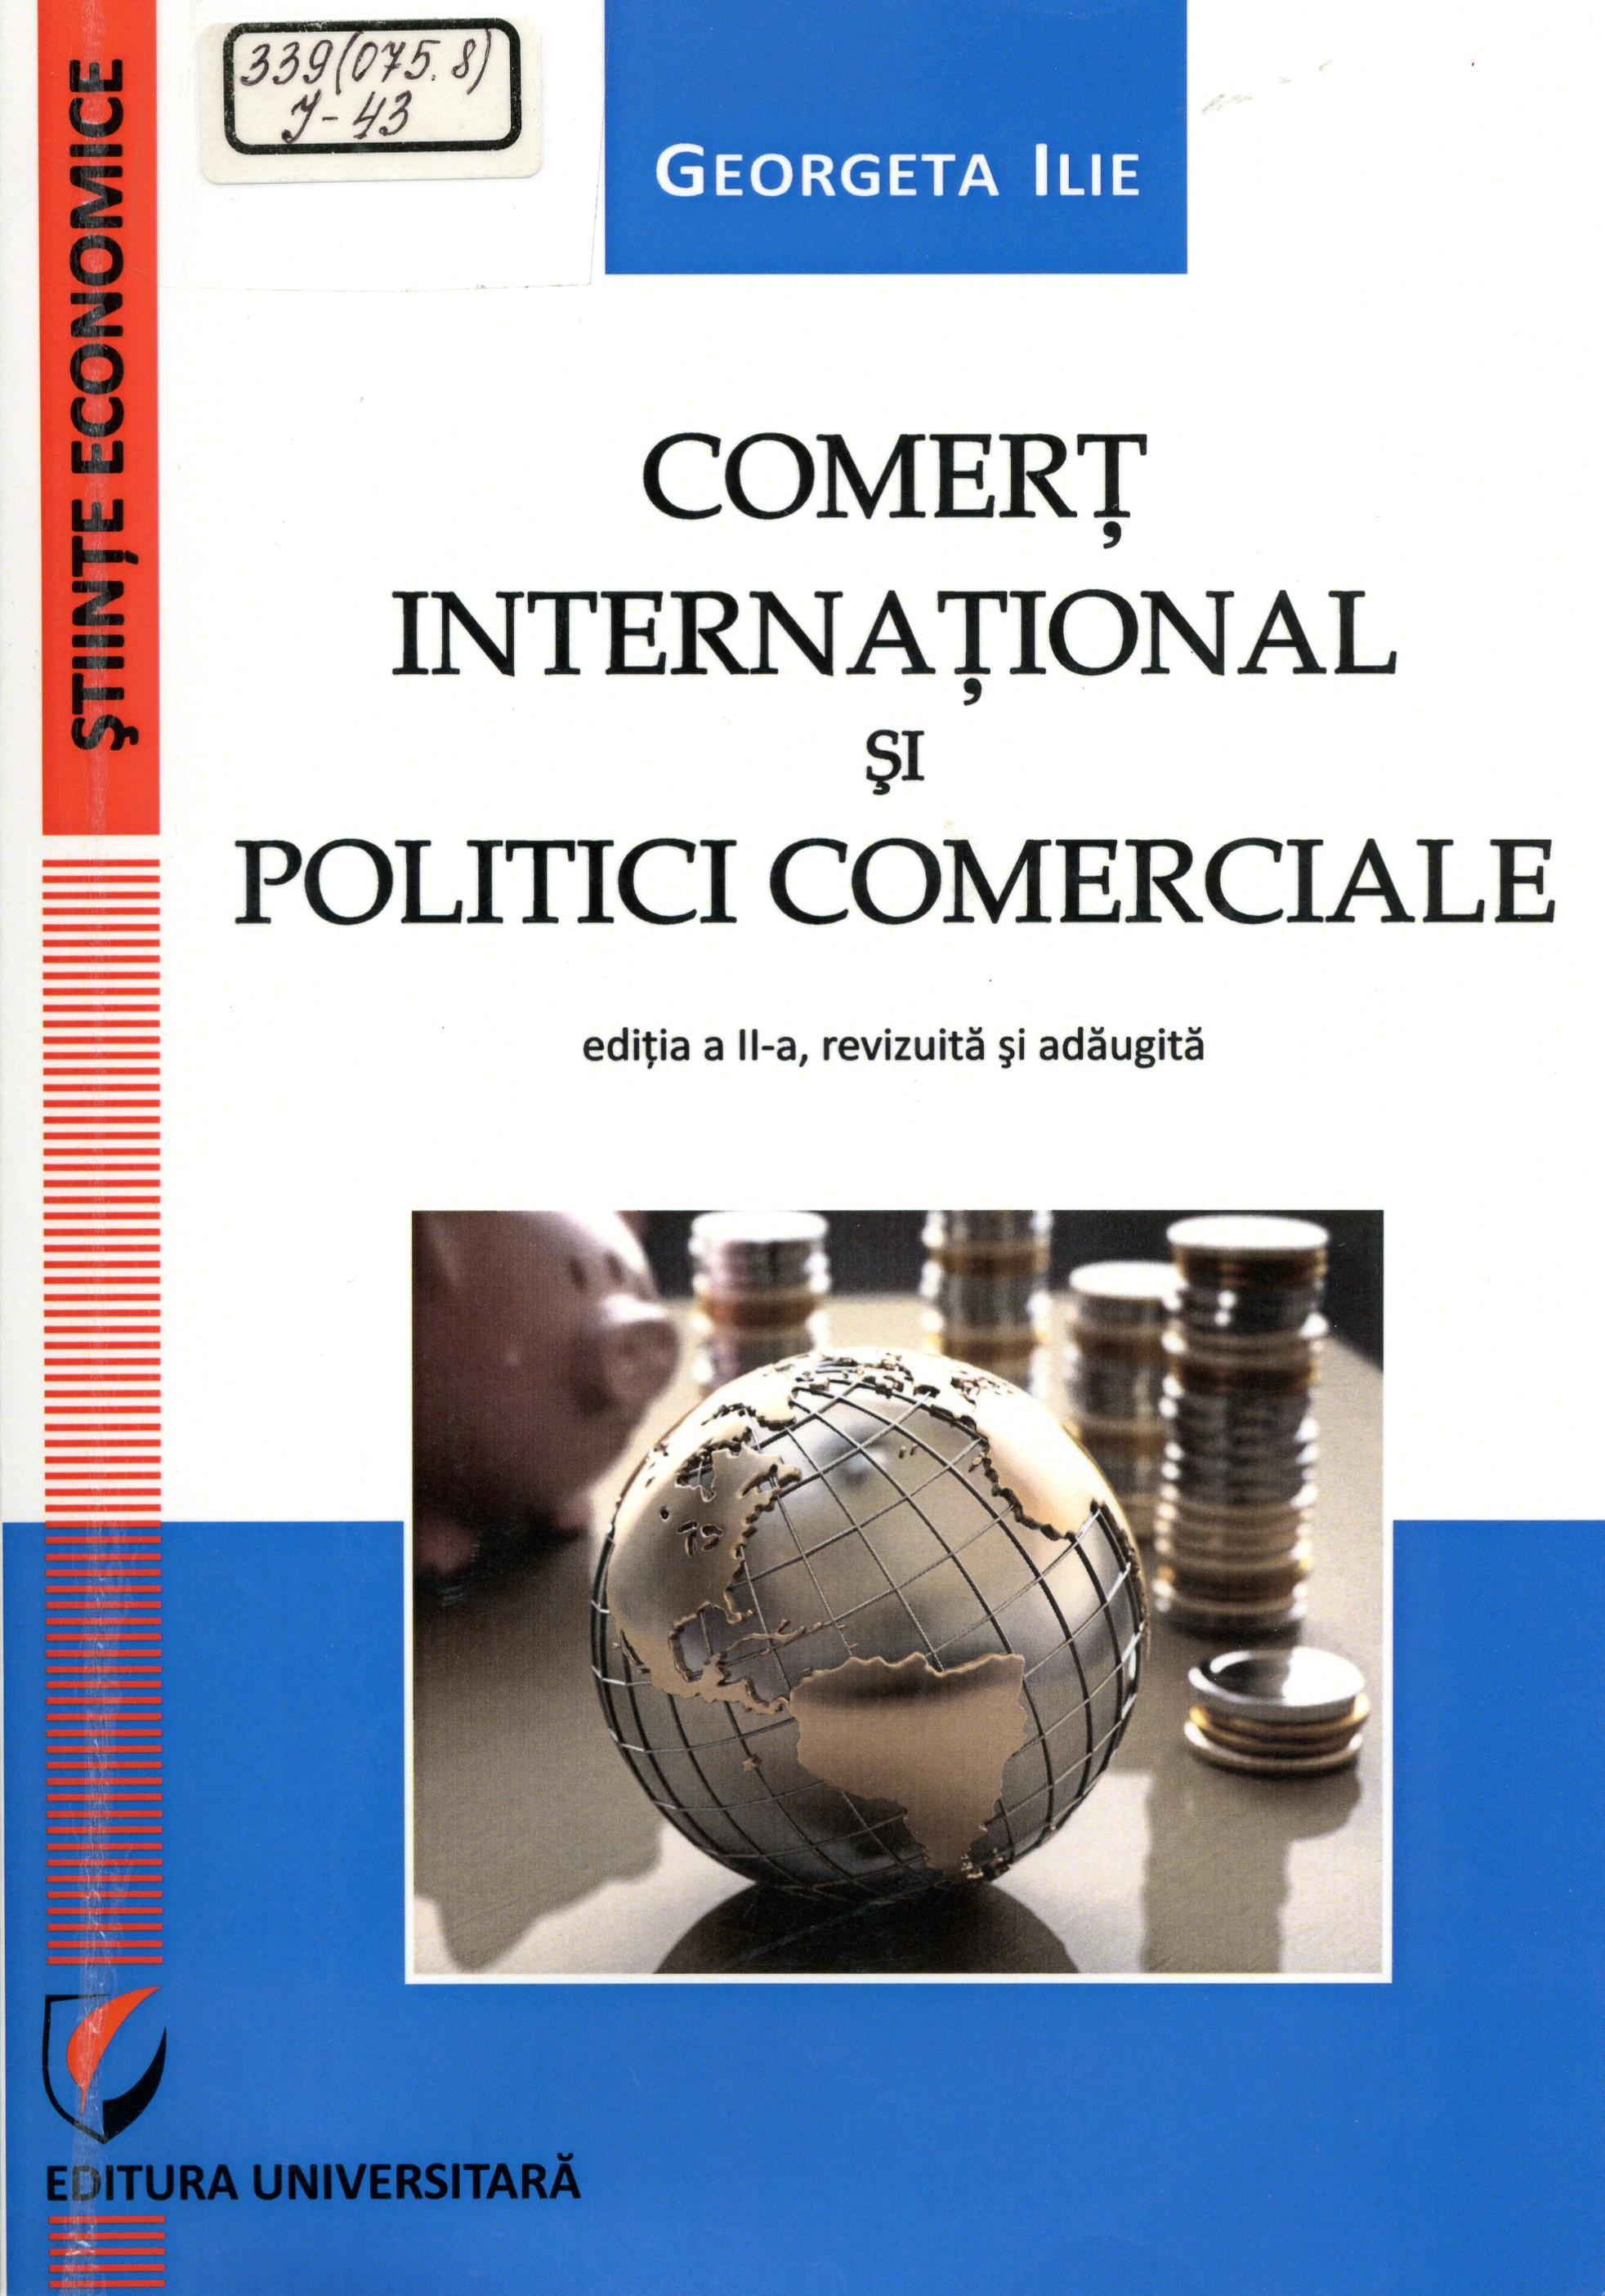 Comerț internațional și politici comerciale